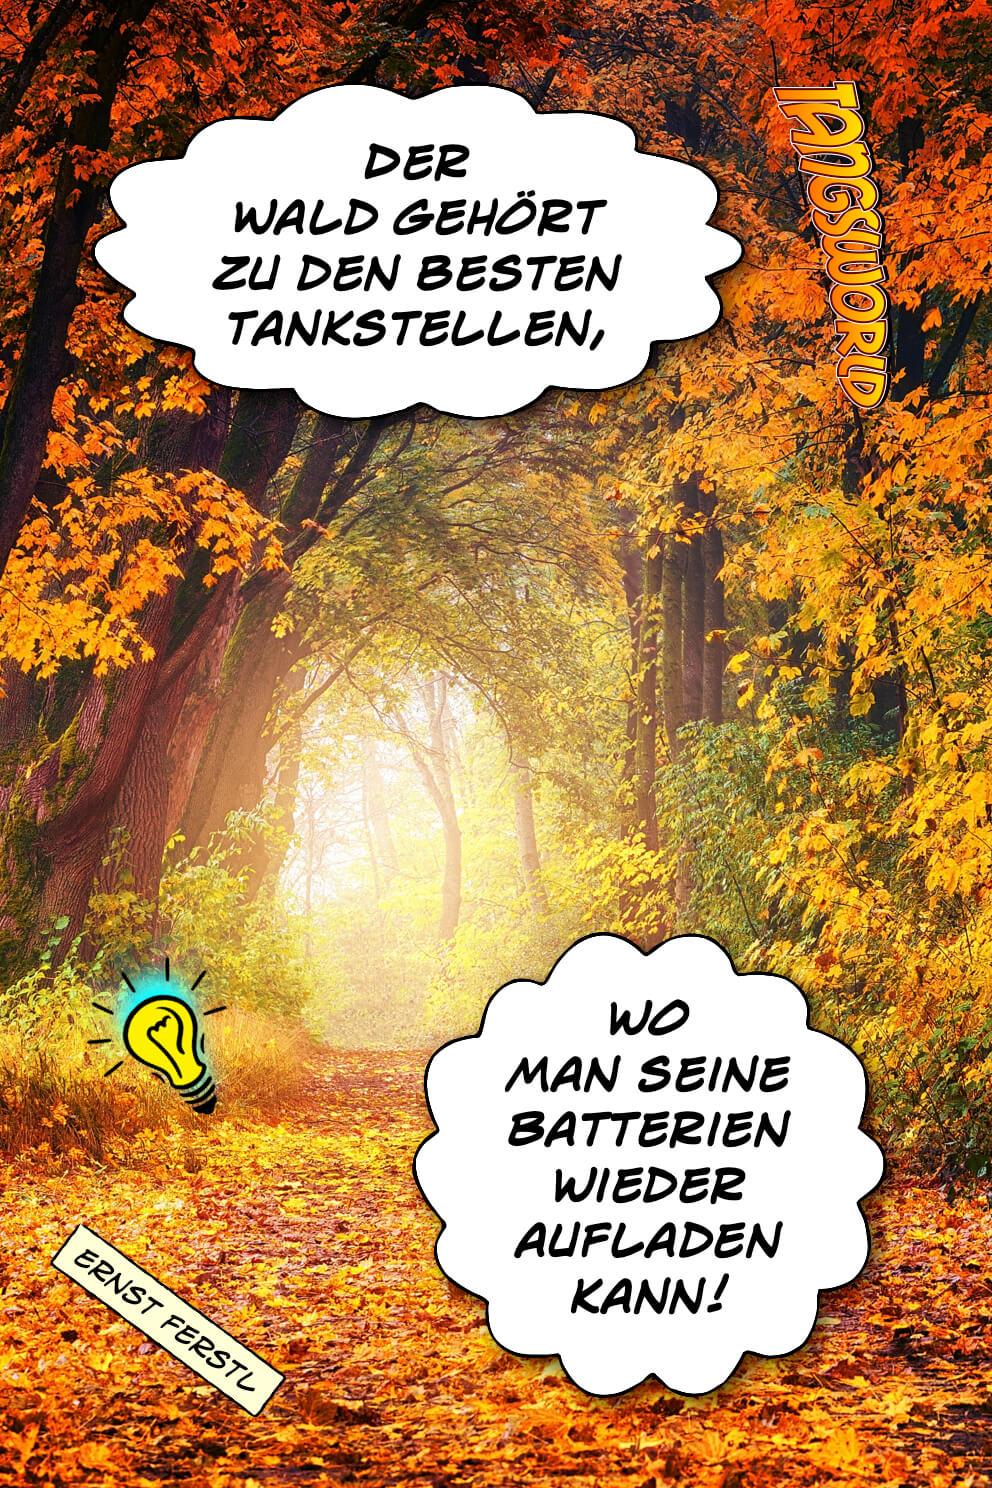 Der Wald gehört zu den besten Tankstellen, wo man seine Batterien wieder aufladen kann. - Geistesblitze | Ernst Ferstl